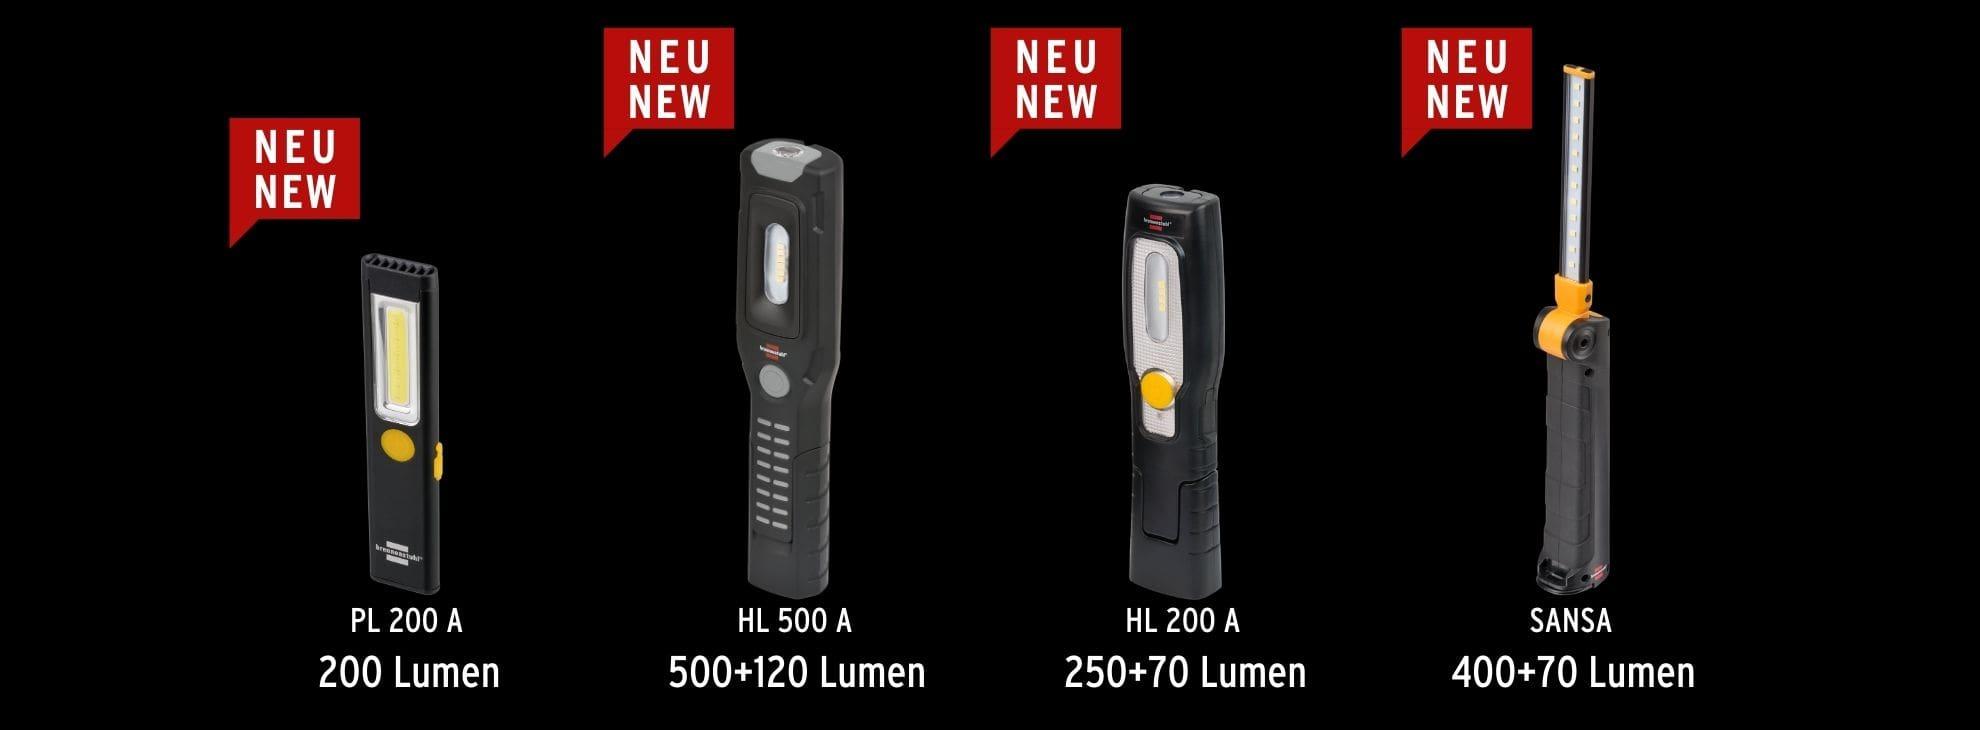 LED Arbeitslicht-Brennenstuhl LED Baustrahler-Handlampen-2-min